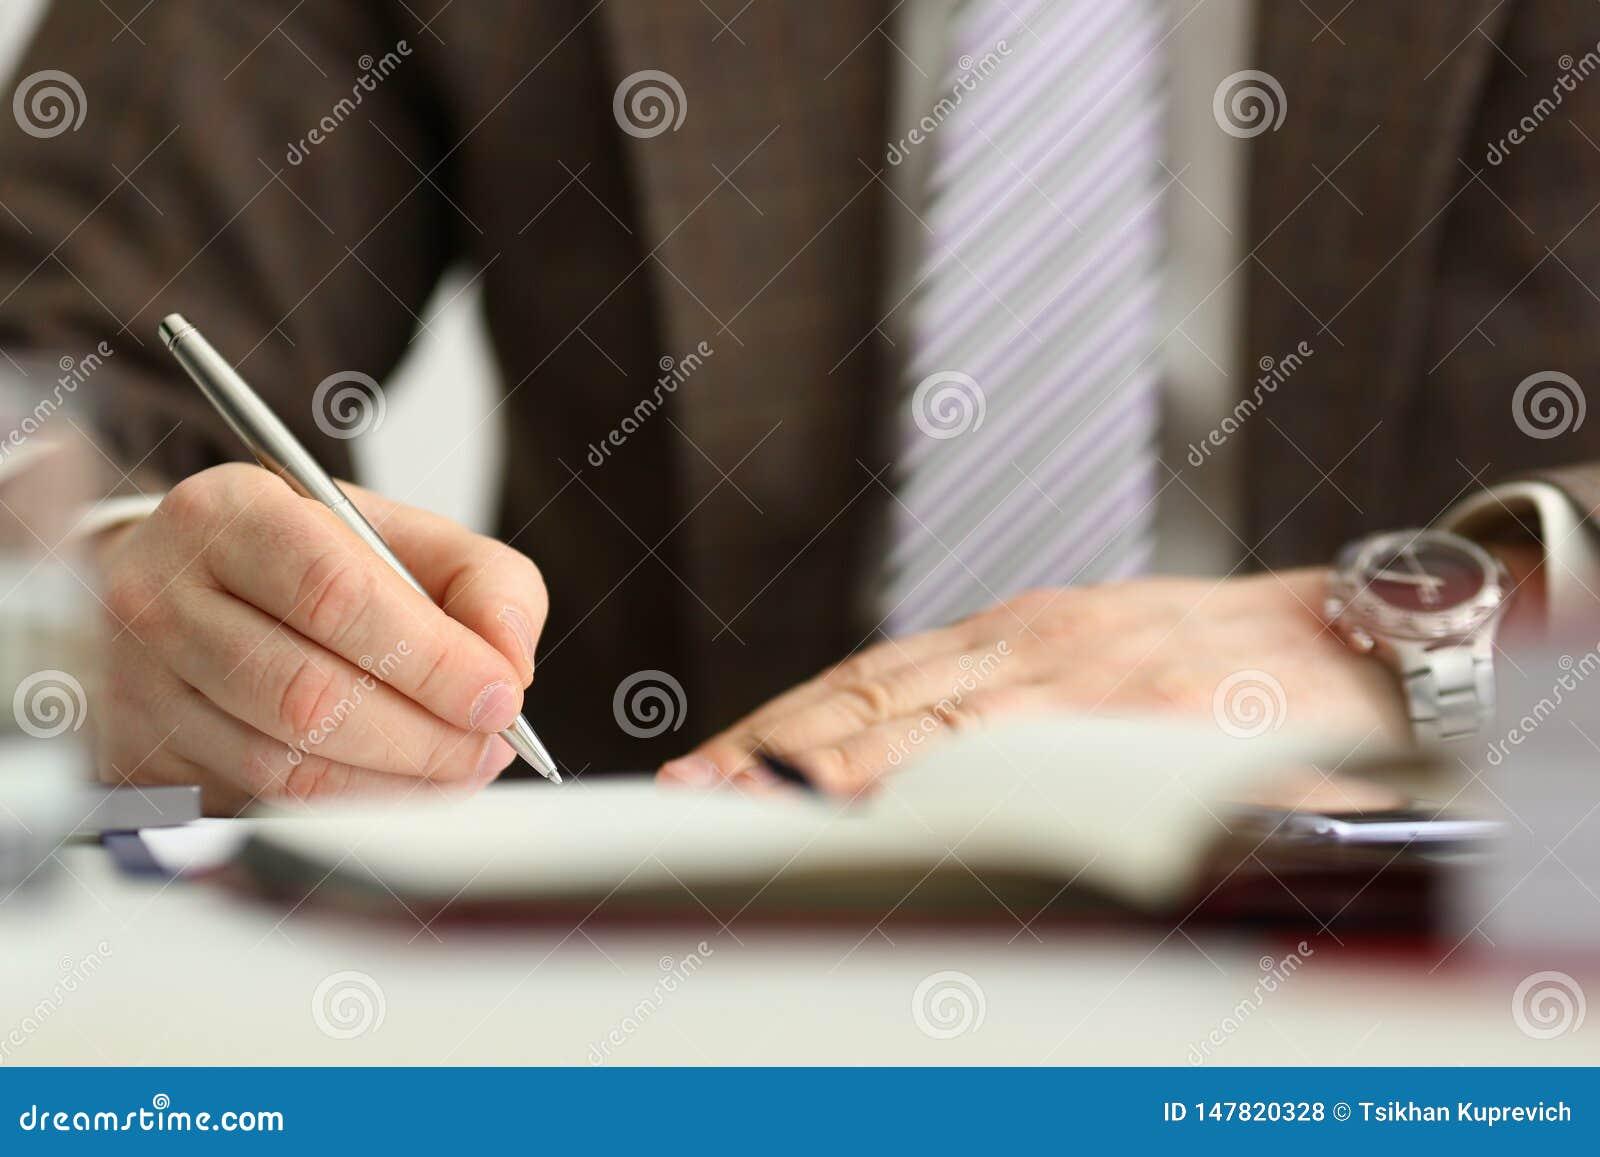 Αρσενικός βραχίονας στην ασημένια μάνδρα λαβής κοστουμιών και δεσμών